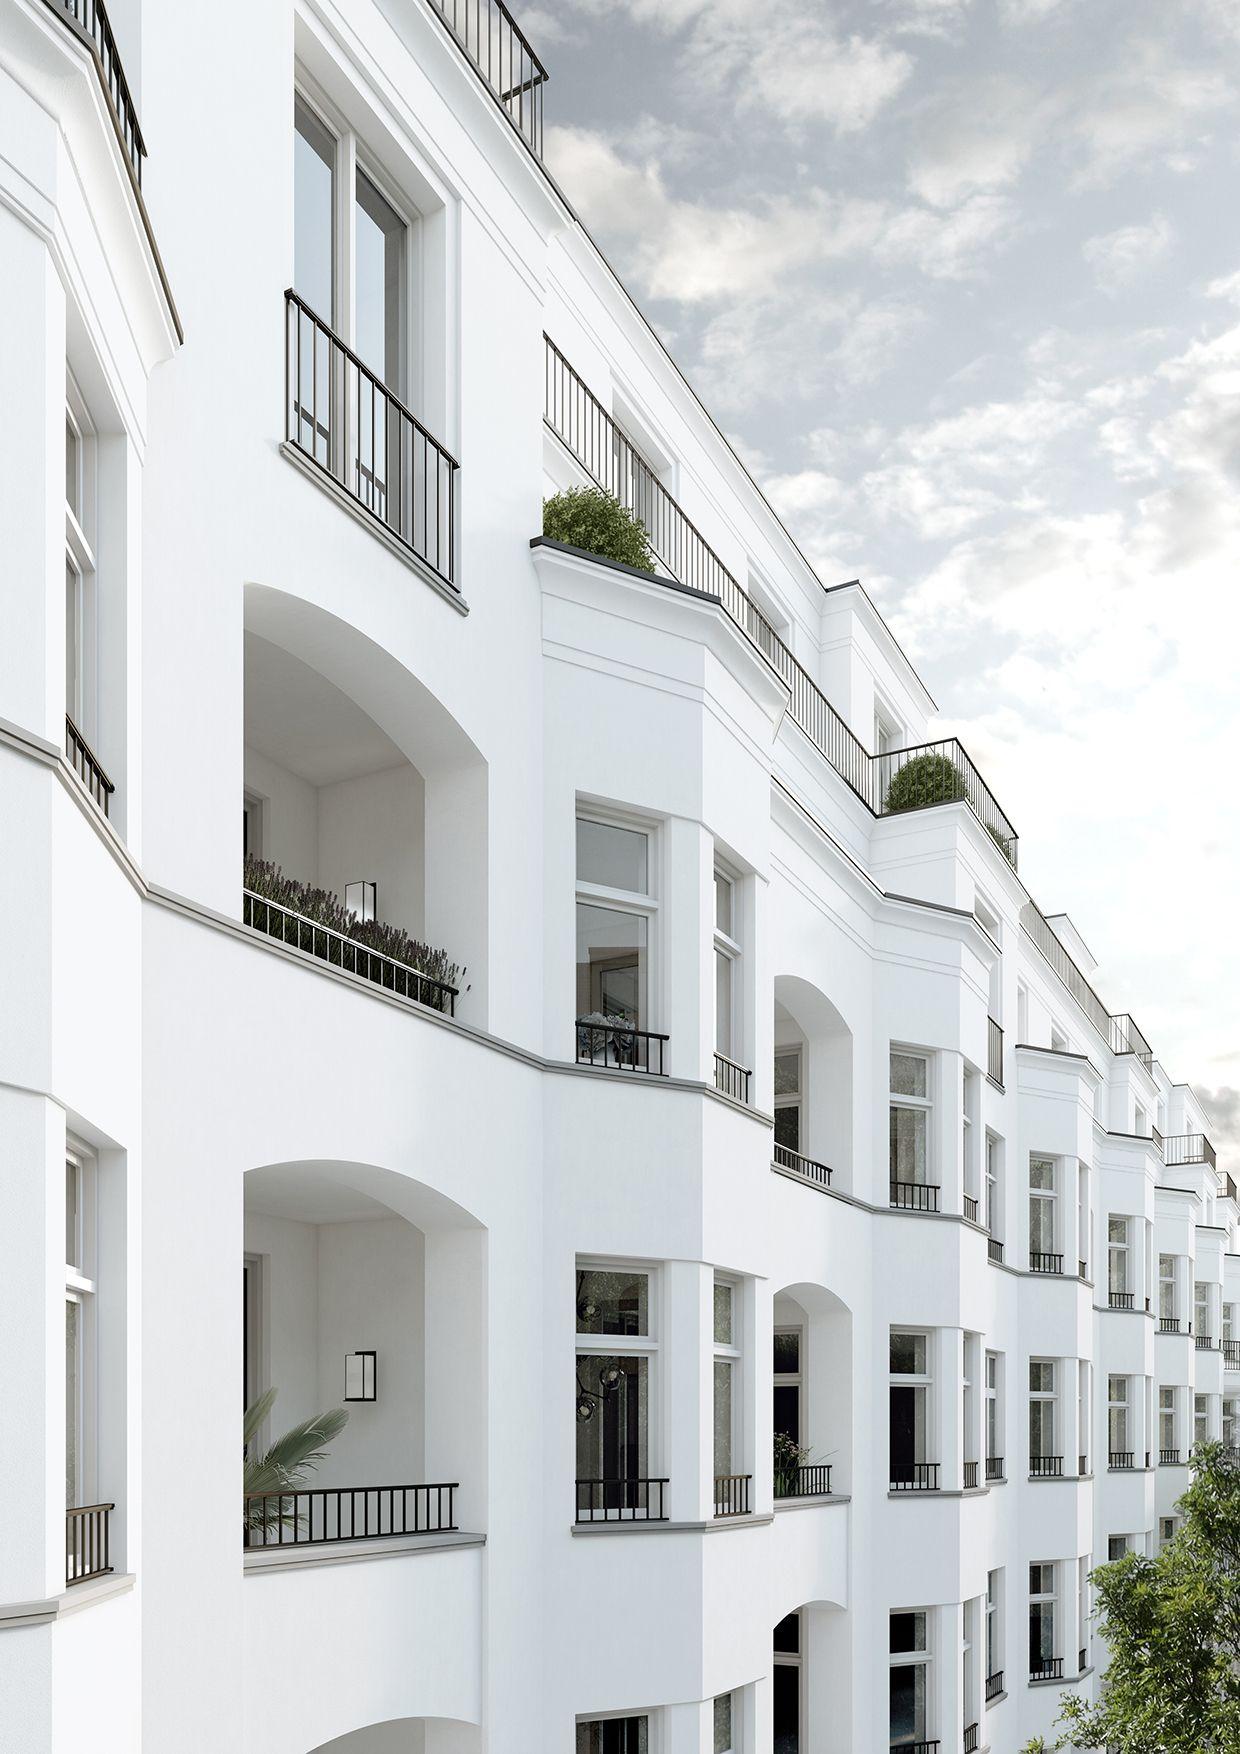 Wohnhaus mit 54 Wohneinheiten in Berlin Charlottenburg ...